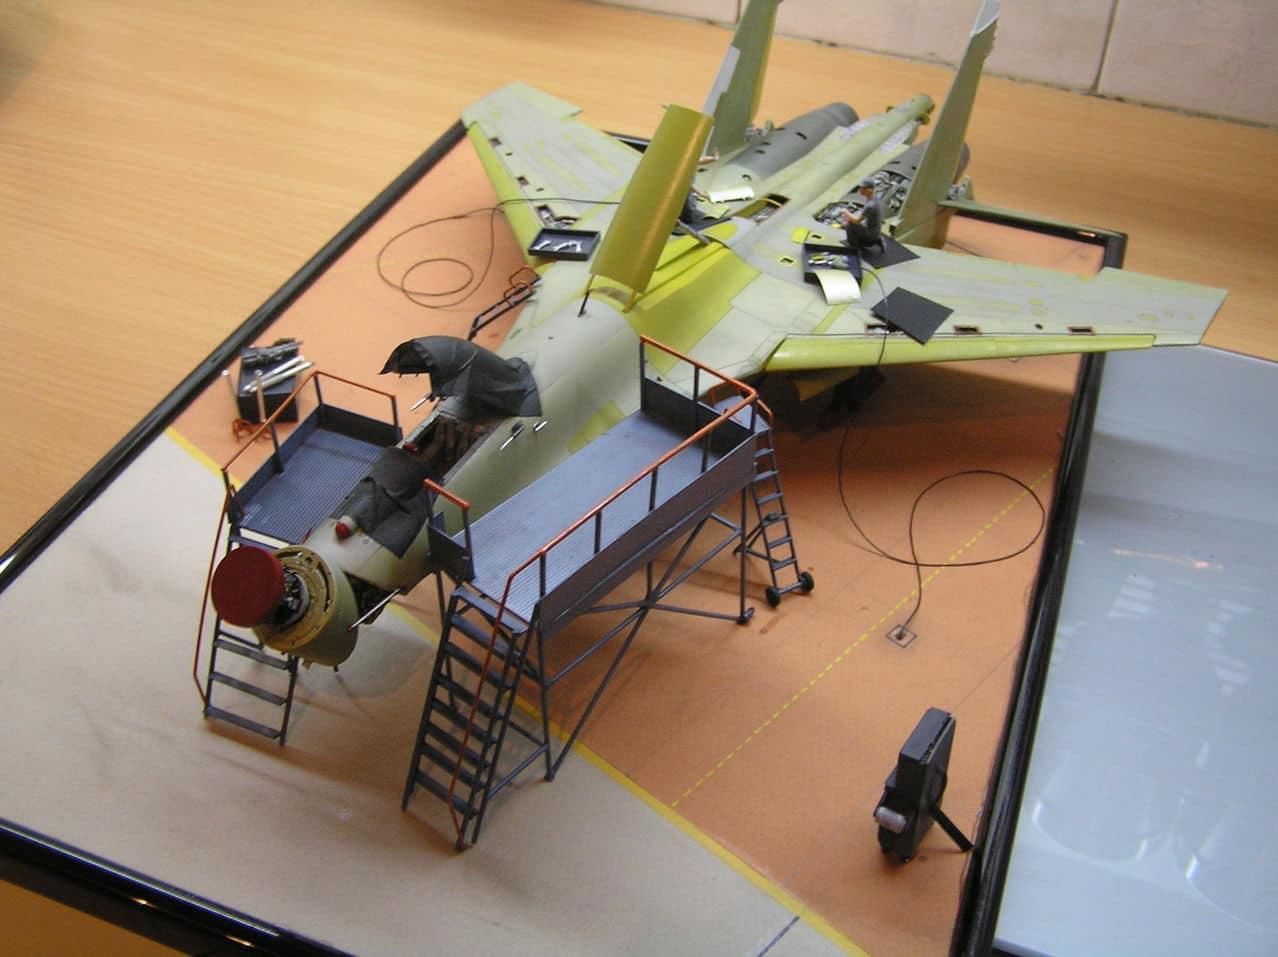 ...καπως ετσι αρχισαν ολα...Su-27  και τα μυαλα στα καγκελα... - Σελίδα 5 P1010208